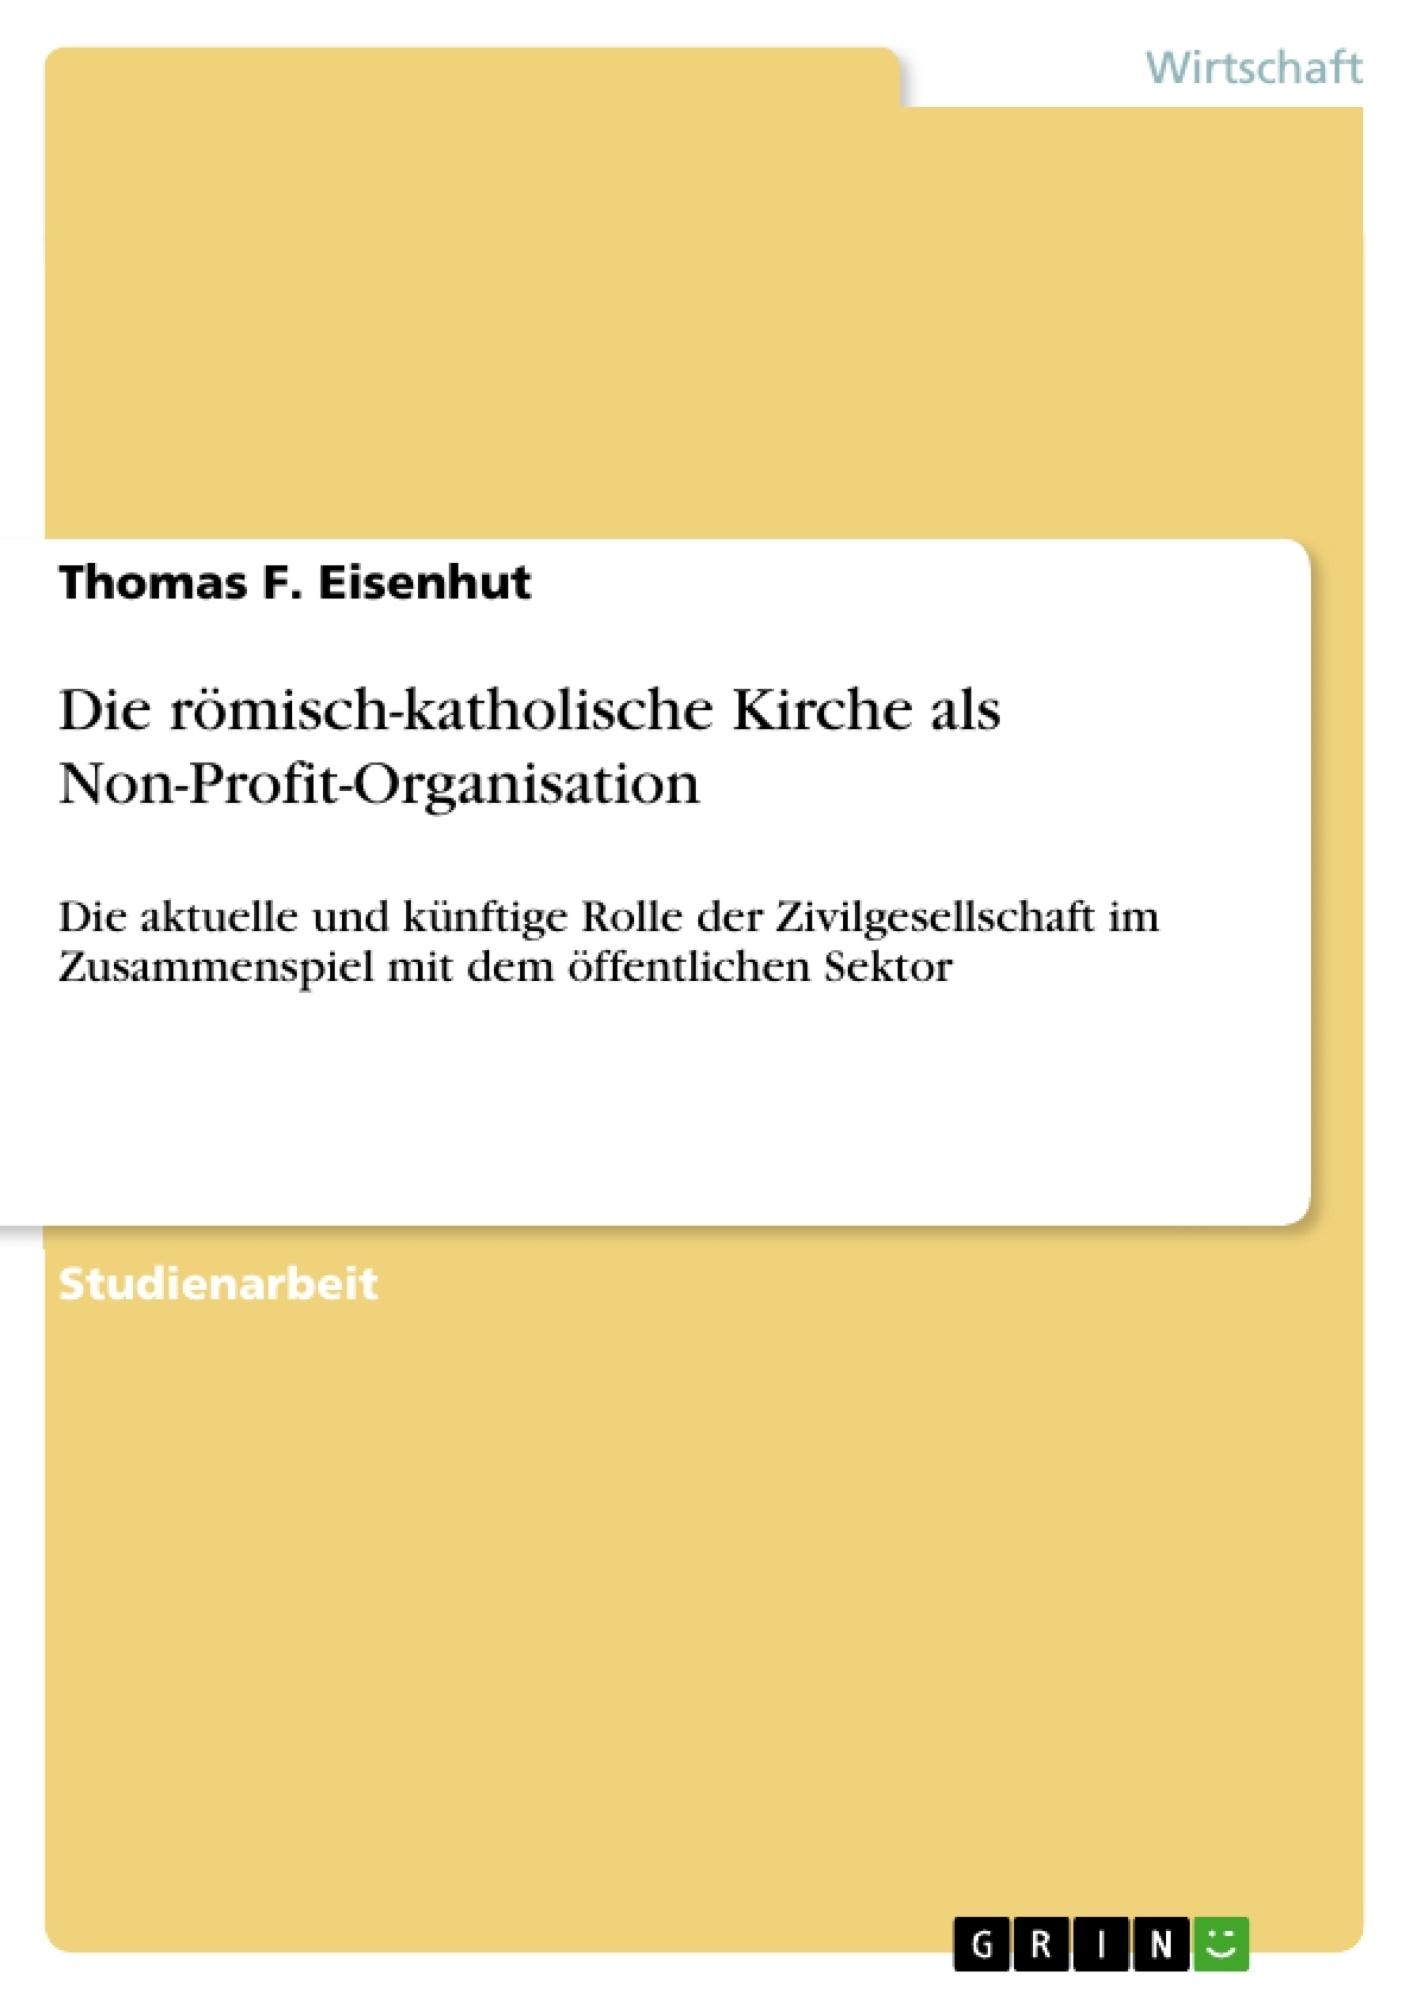 Titel: Die römisch-katholische Kirche als Non-Profit-Organisation